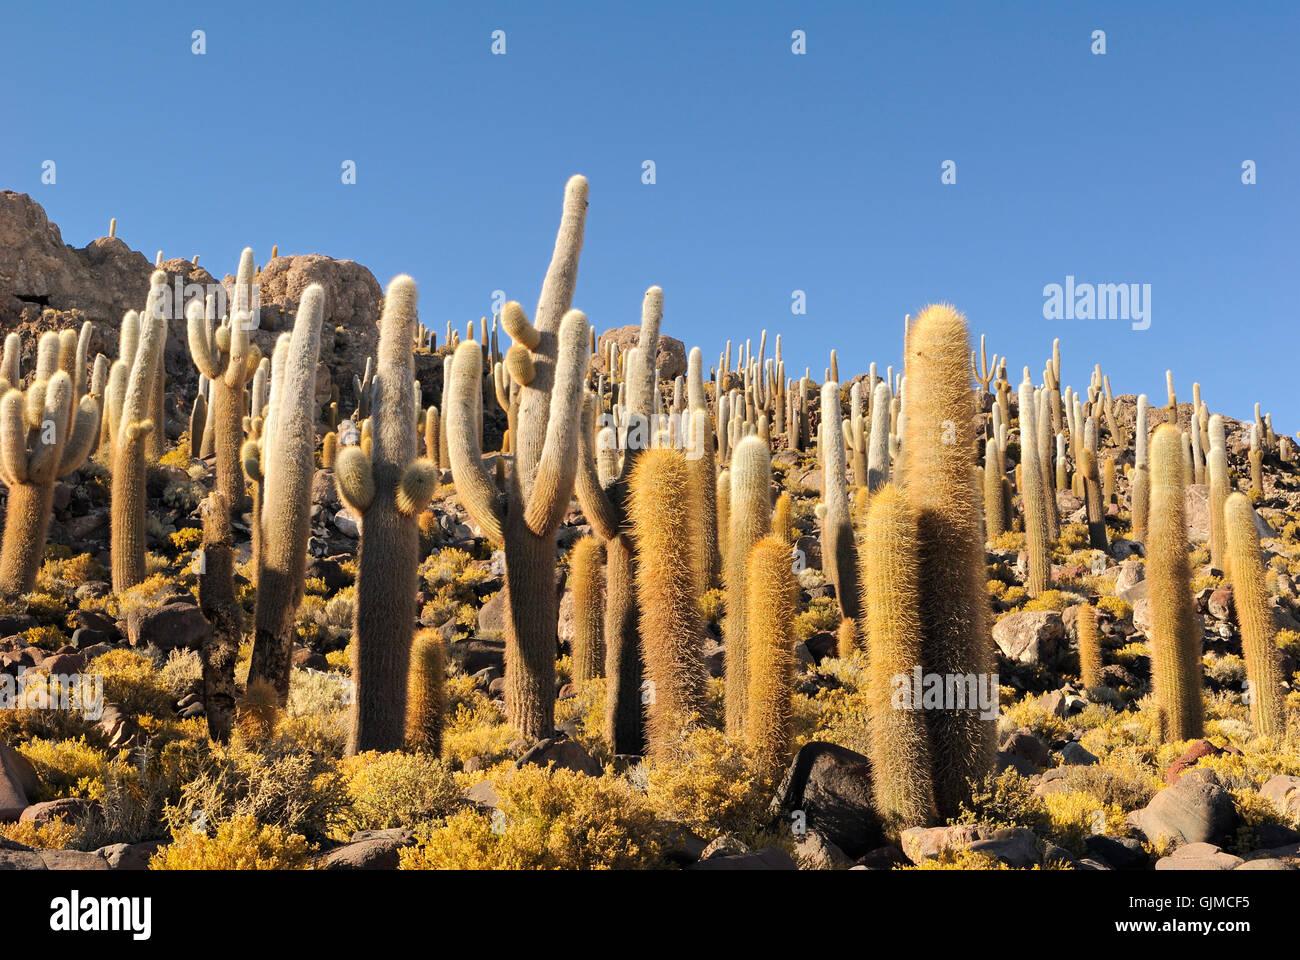 Cactus cactus de América del Sur Imagen De Stock